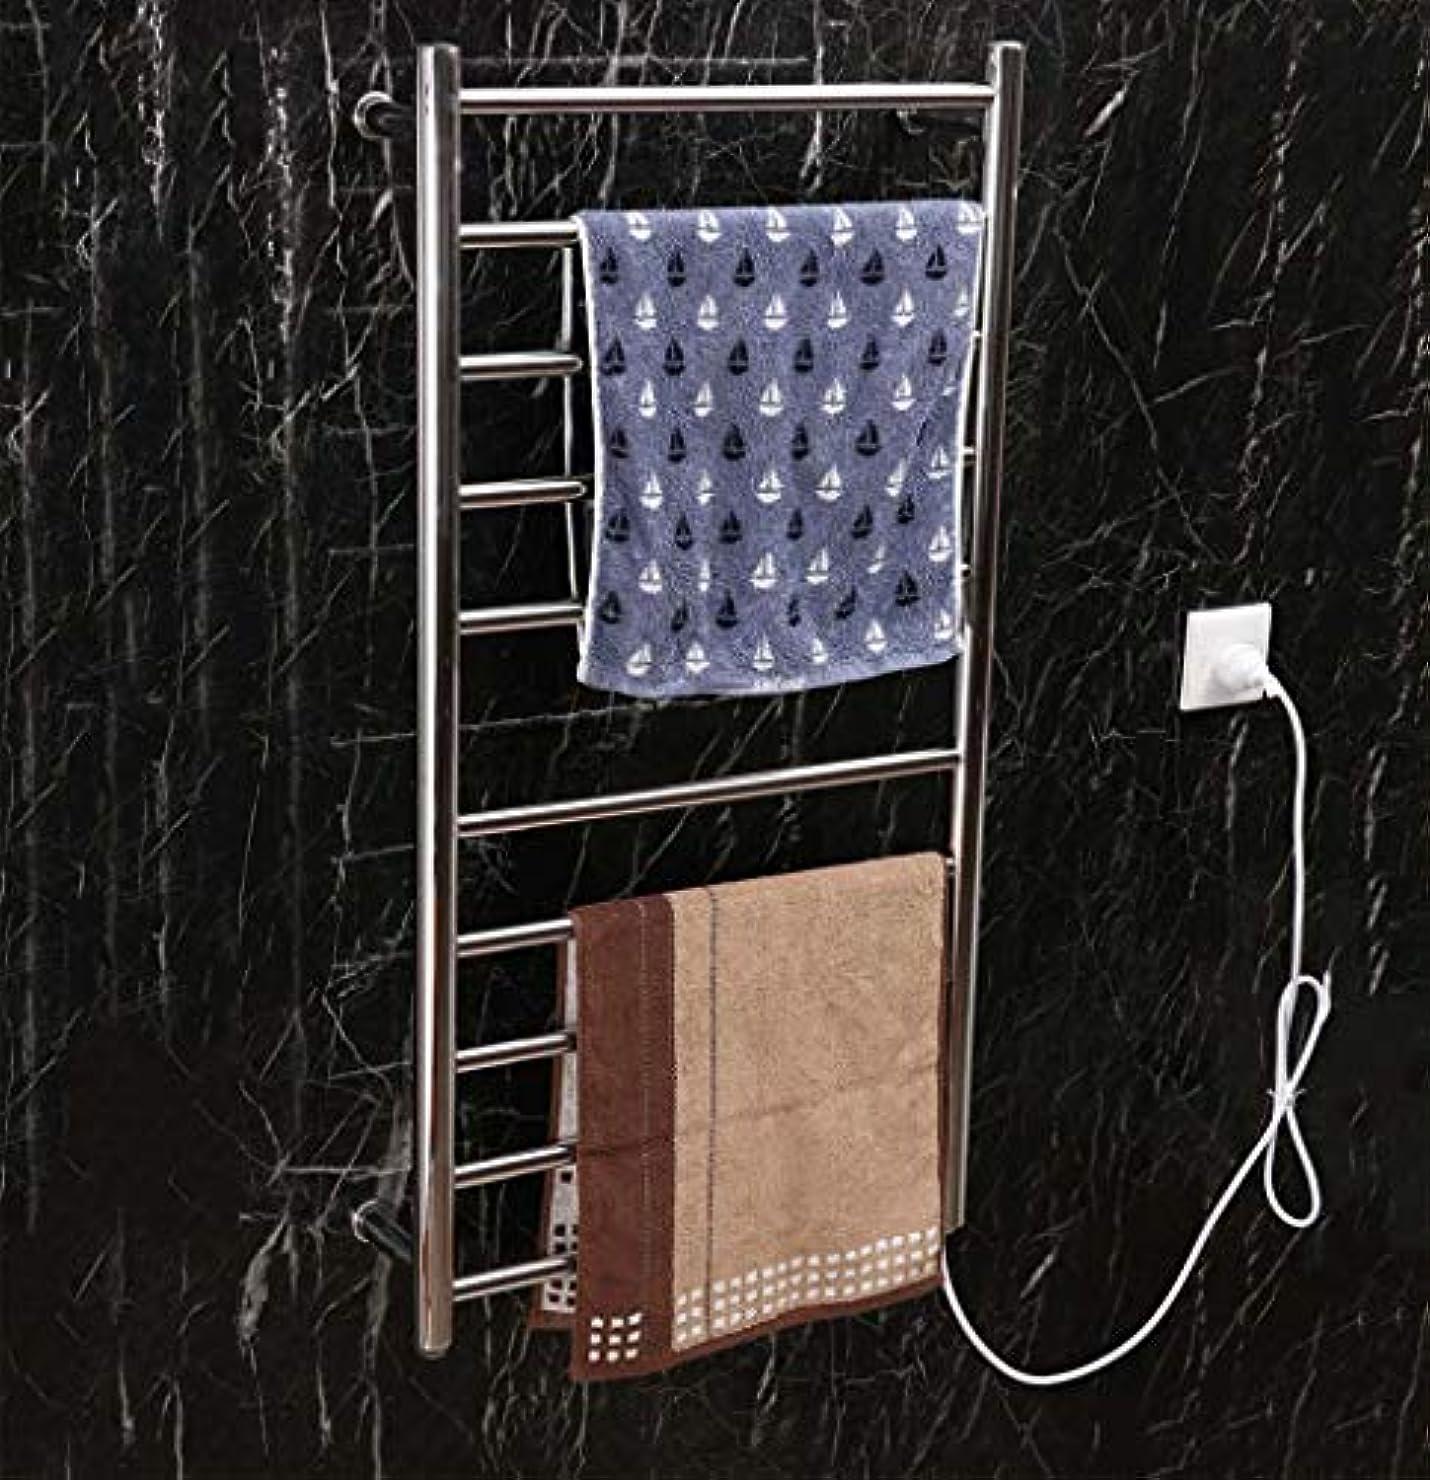 電気タオル掛け、304ステンレススチール製スマートタオルラジエーター、壁掛け式、バスルームラック、恒温乾燥機、950X500X120mm